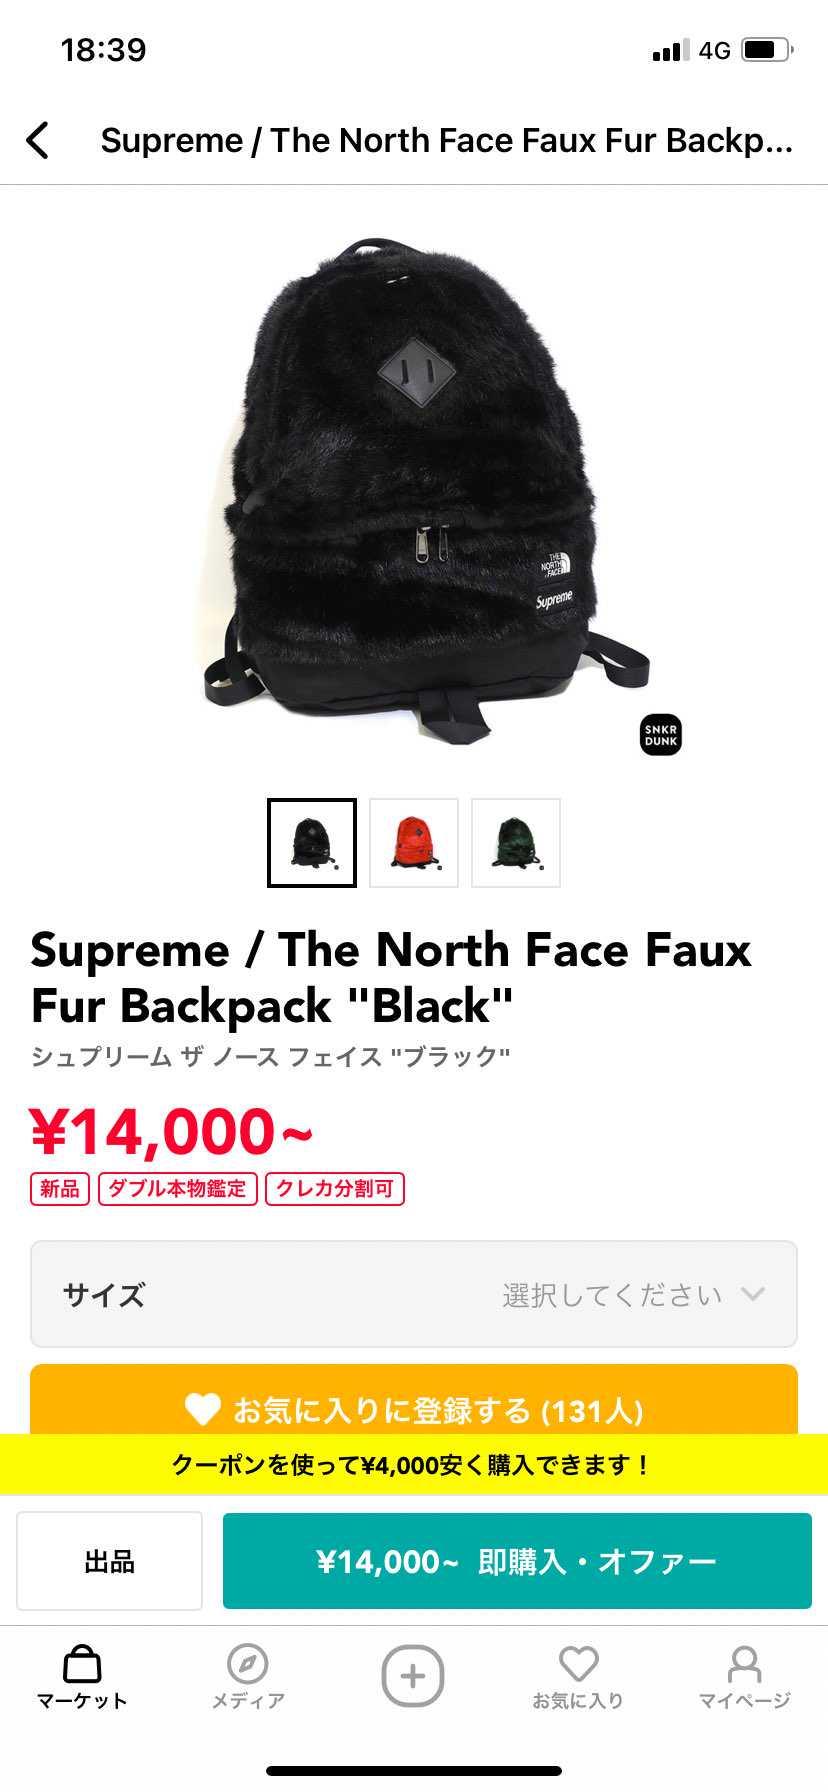 こちら12000で売って頂ける方いますか?